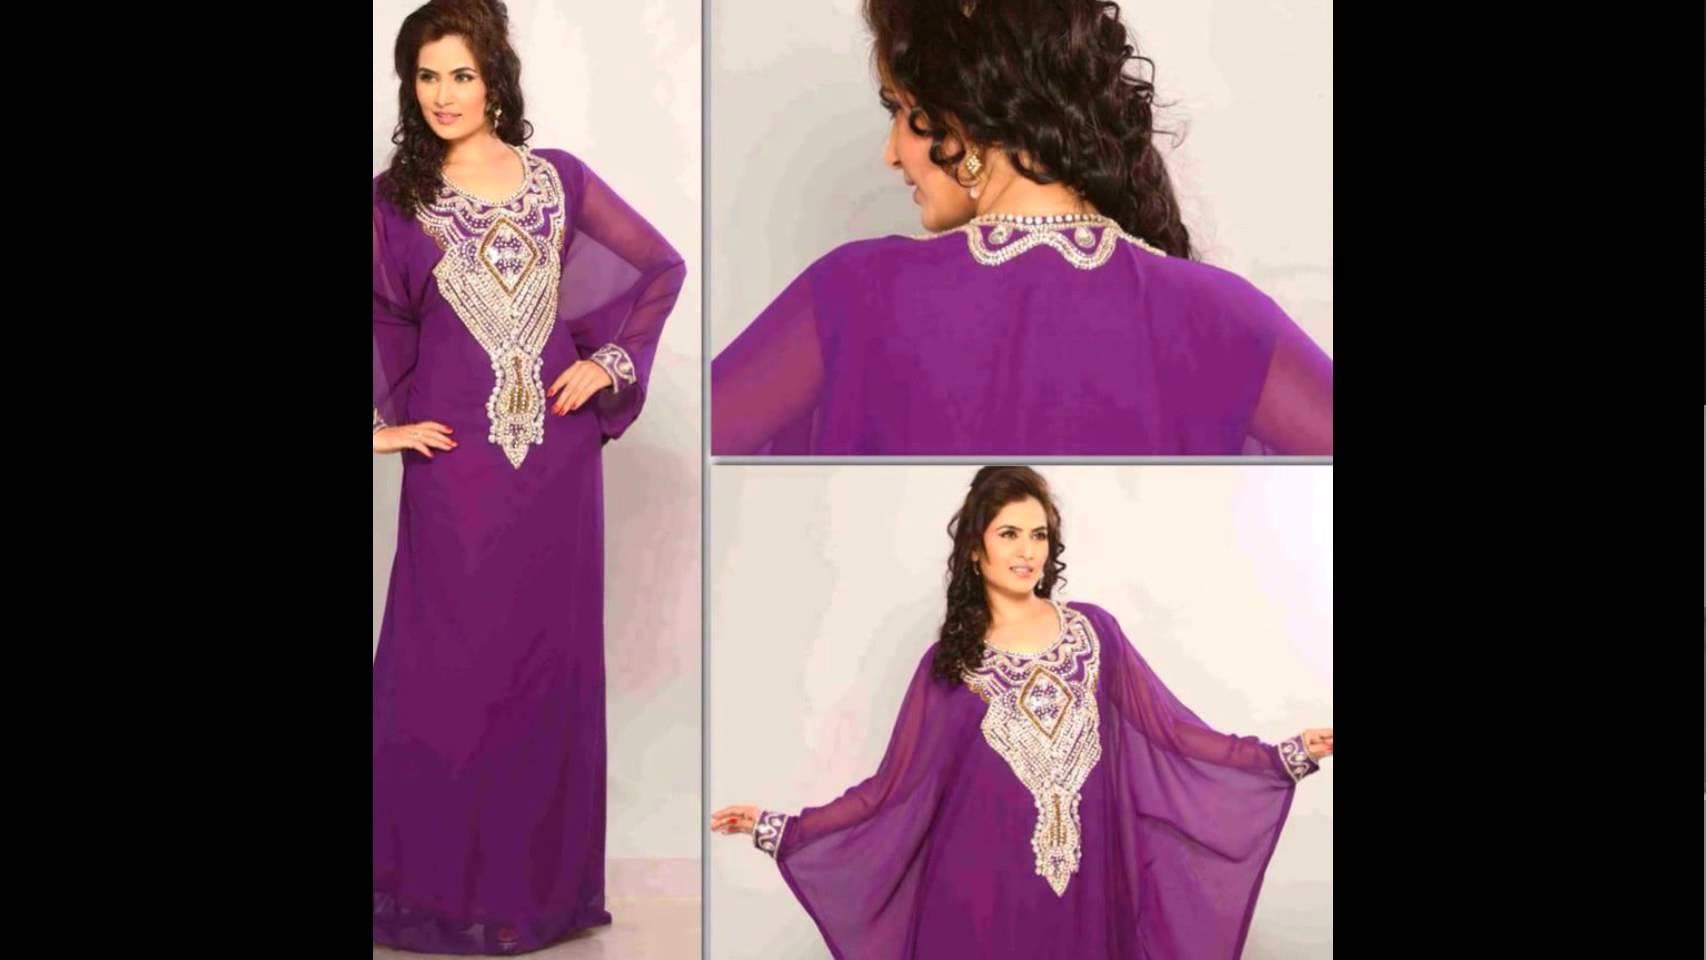 صوره قنادر تاع الدار اخر صيحة , الملابس المغربيه للنساء واجددها